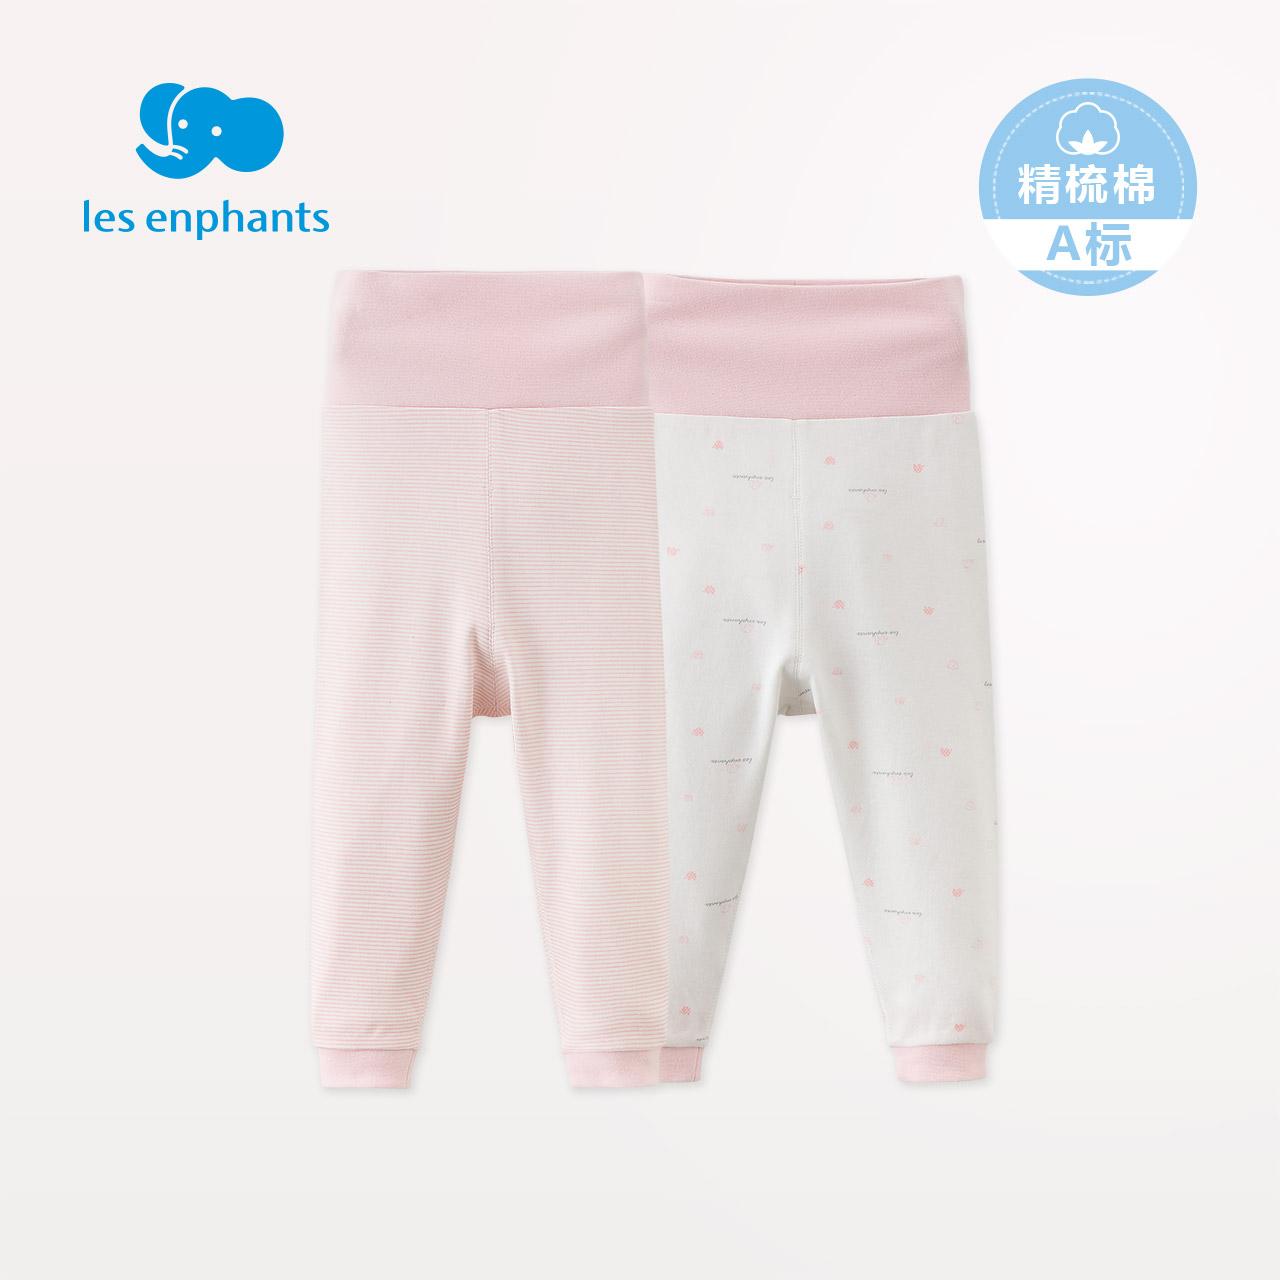 丽婴房婴儿衣服男女宝宝纯棉护肚裤儿童秋装内衣裤2条装新款2018